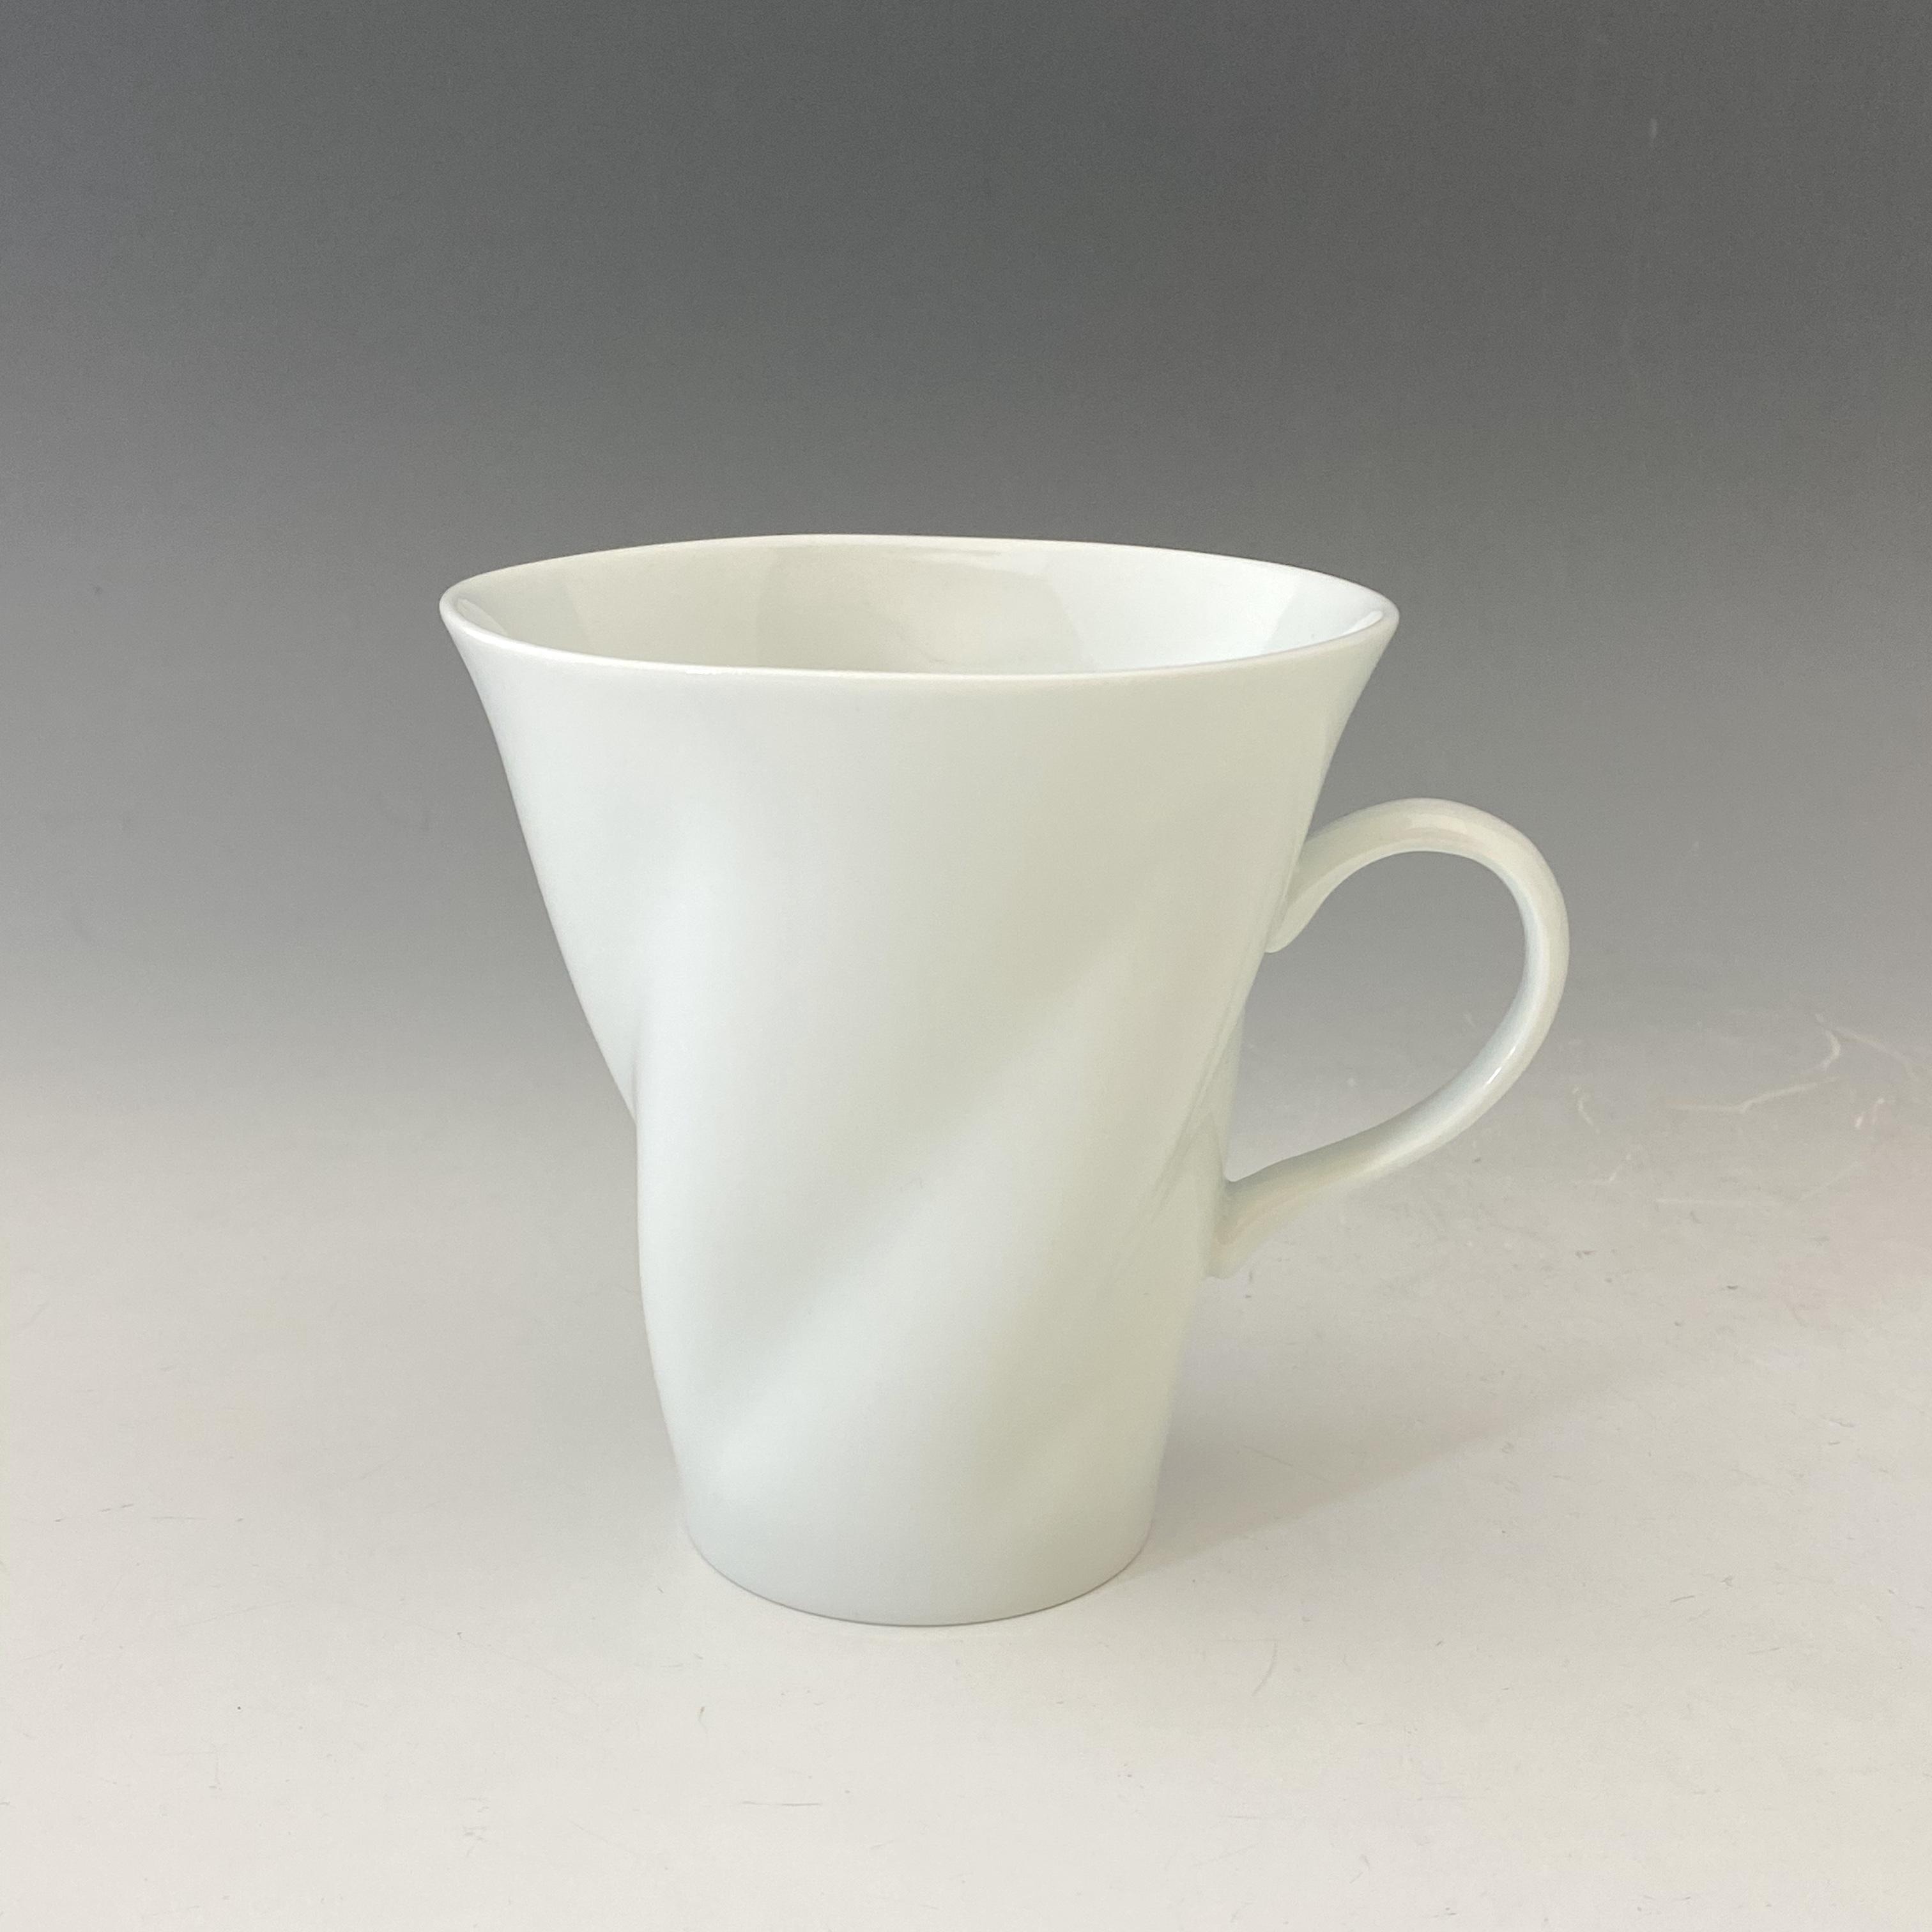 【中尾純】白磁ひねりマグカップ